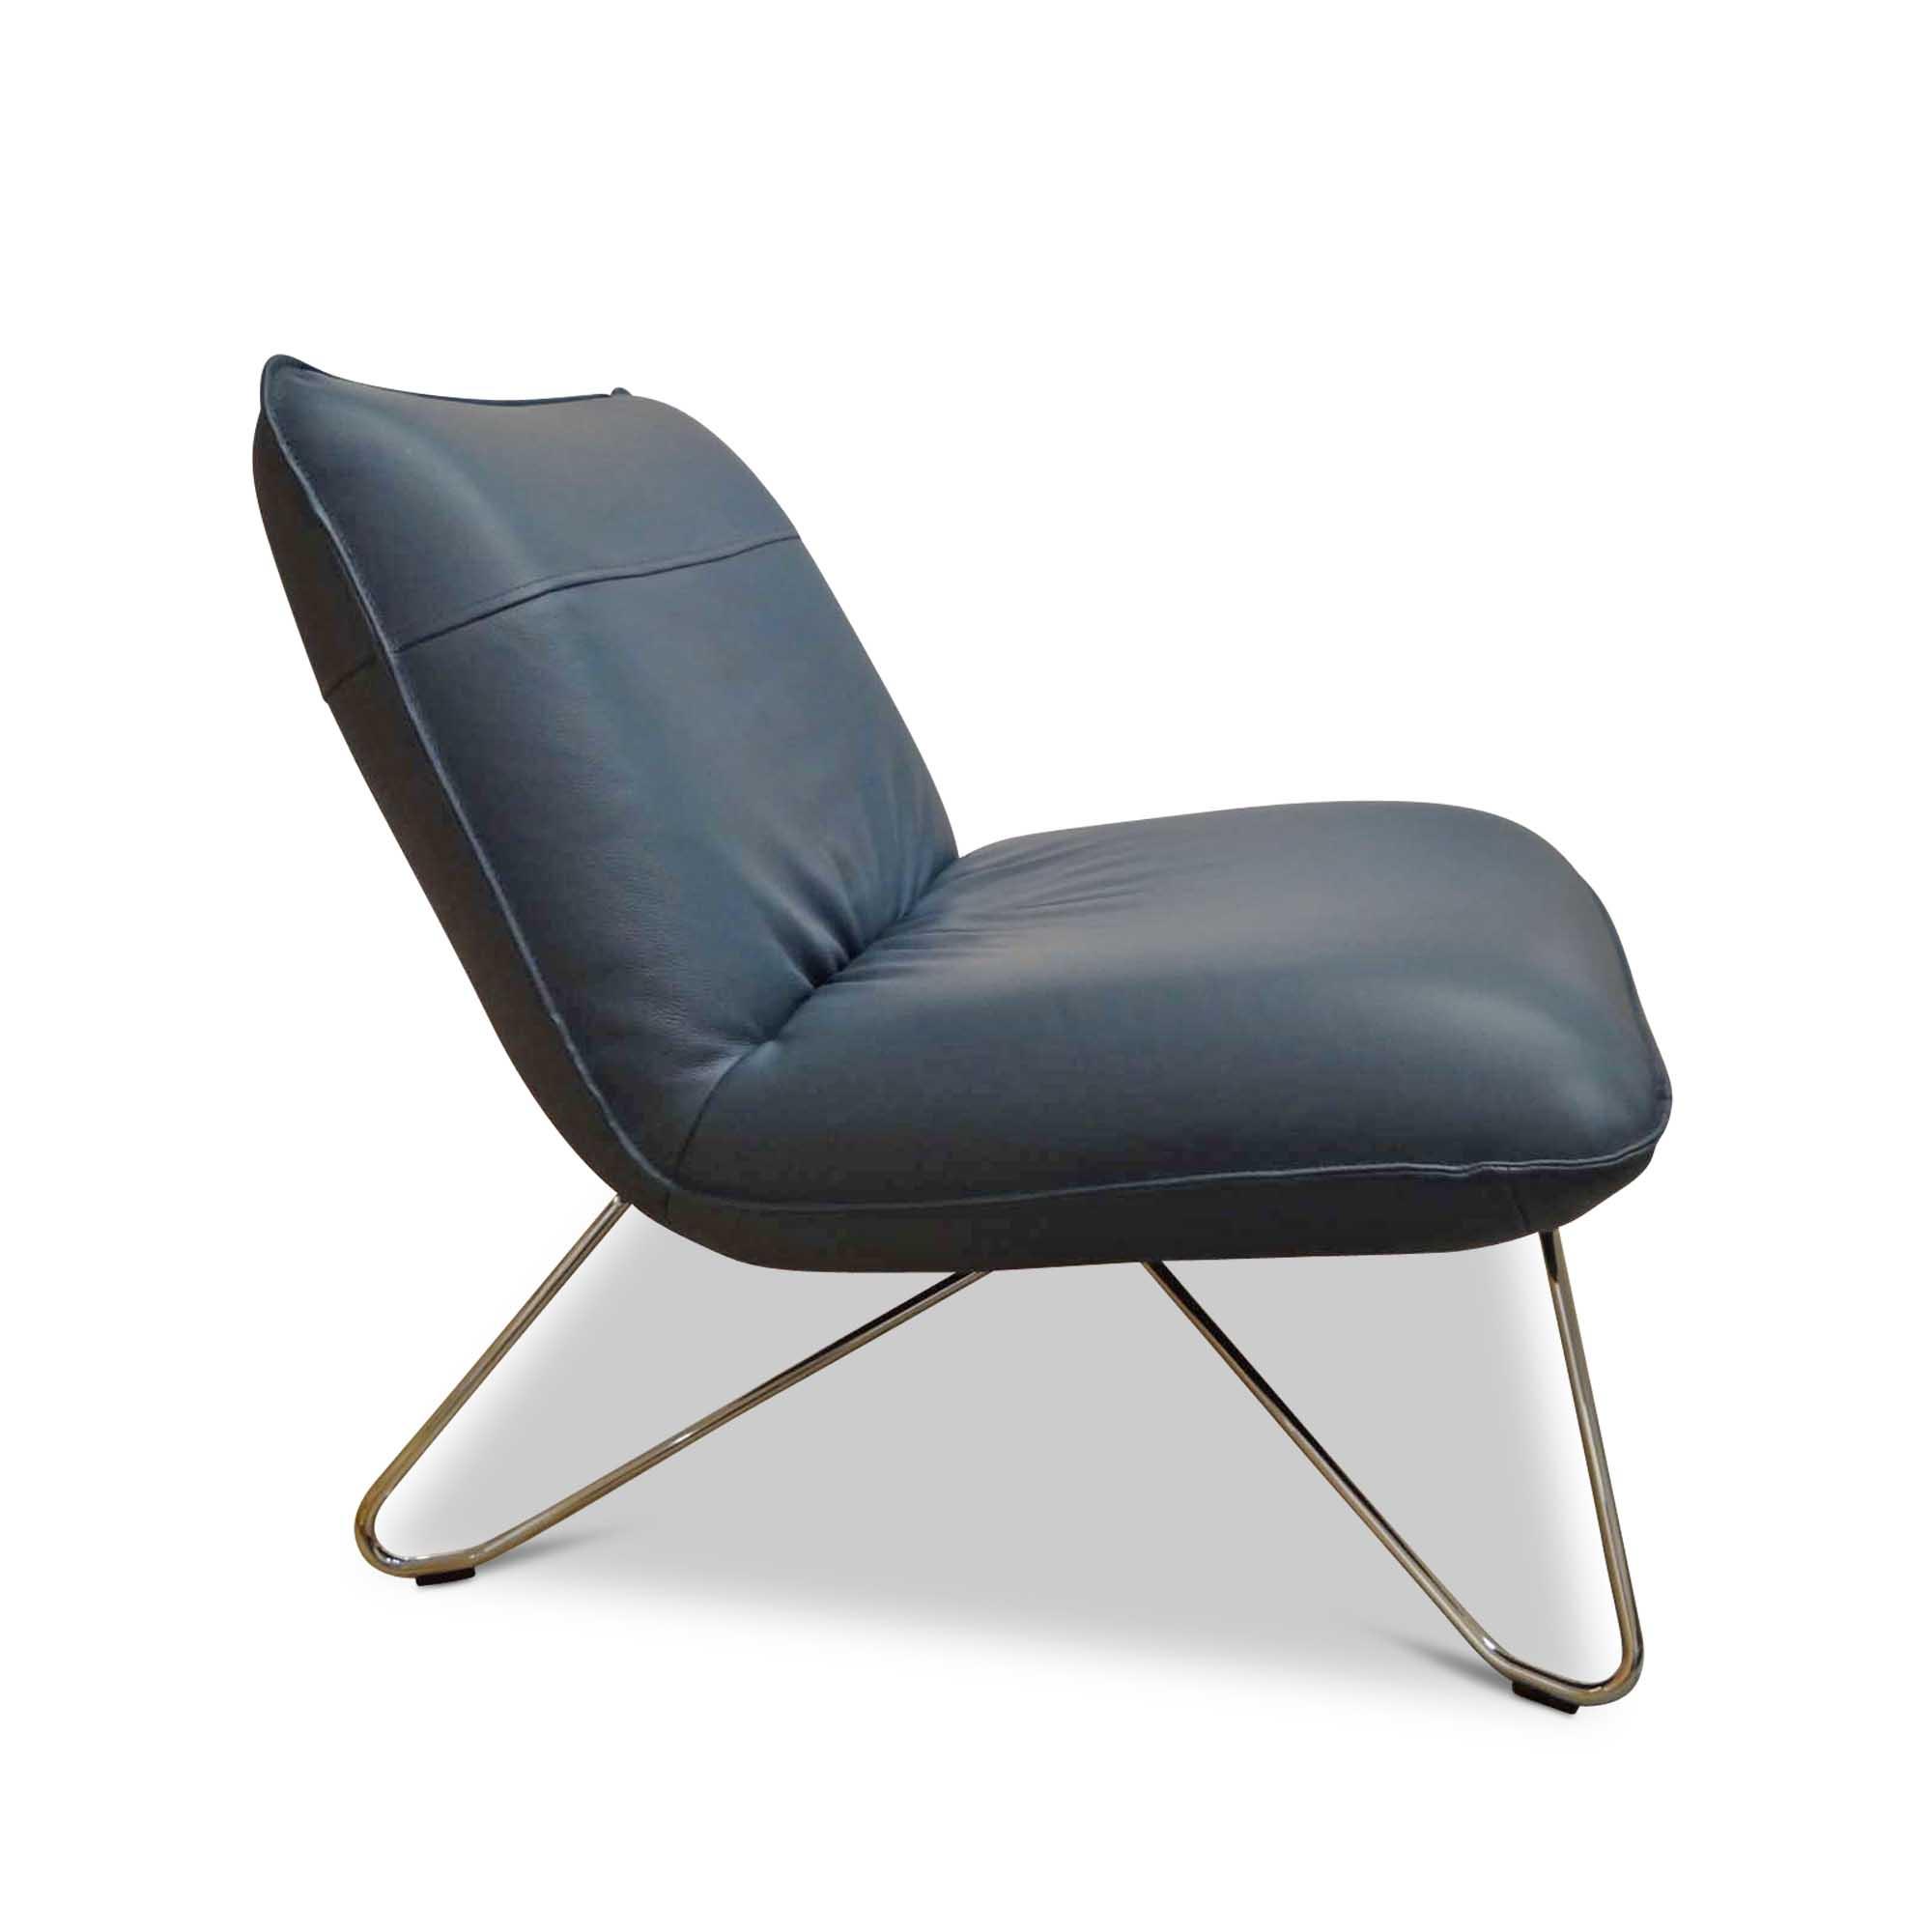 Sessel Se 394 Mit Hocker Rolf Benz Sessel Günstig Kaufen